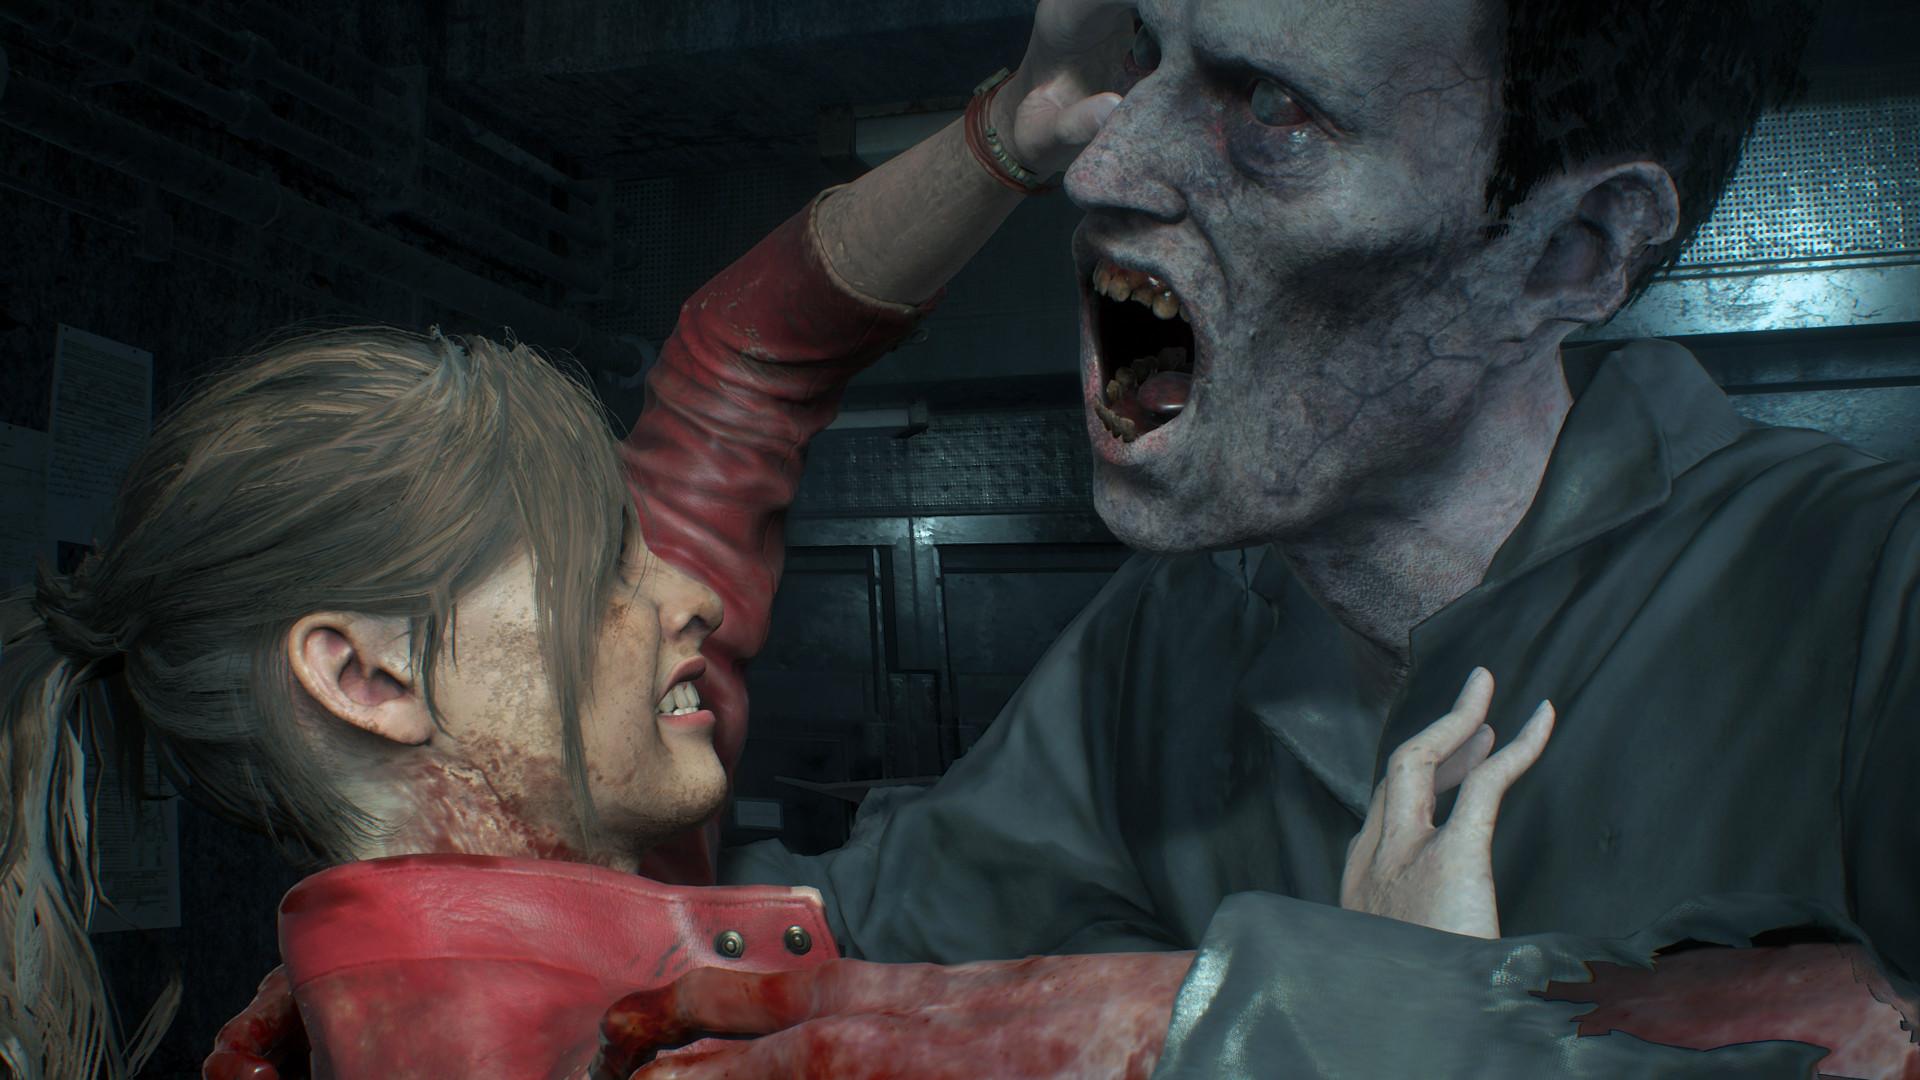 Разработчики ремейка Resident Evil 2 нашли новый способ, чтобы до чертиков напугать игроков